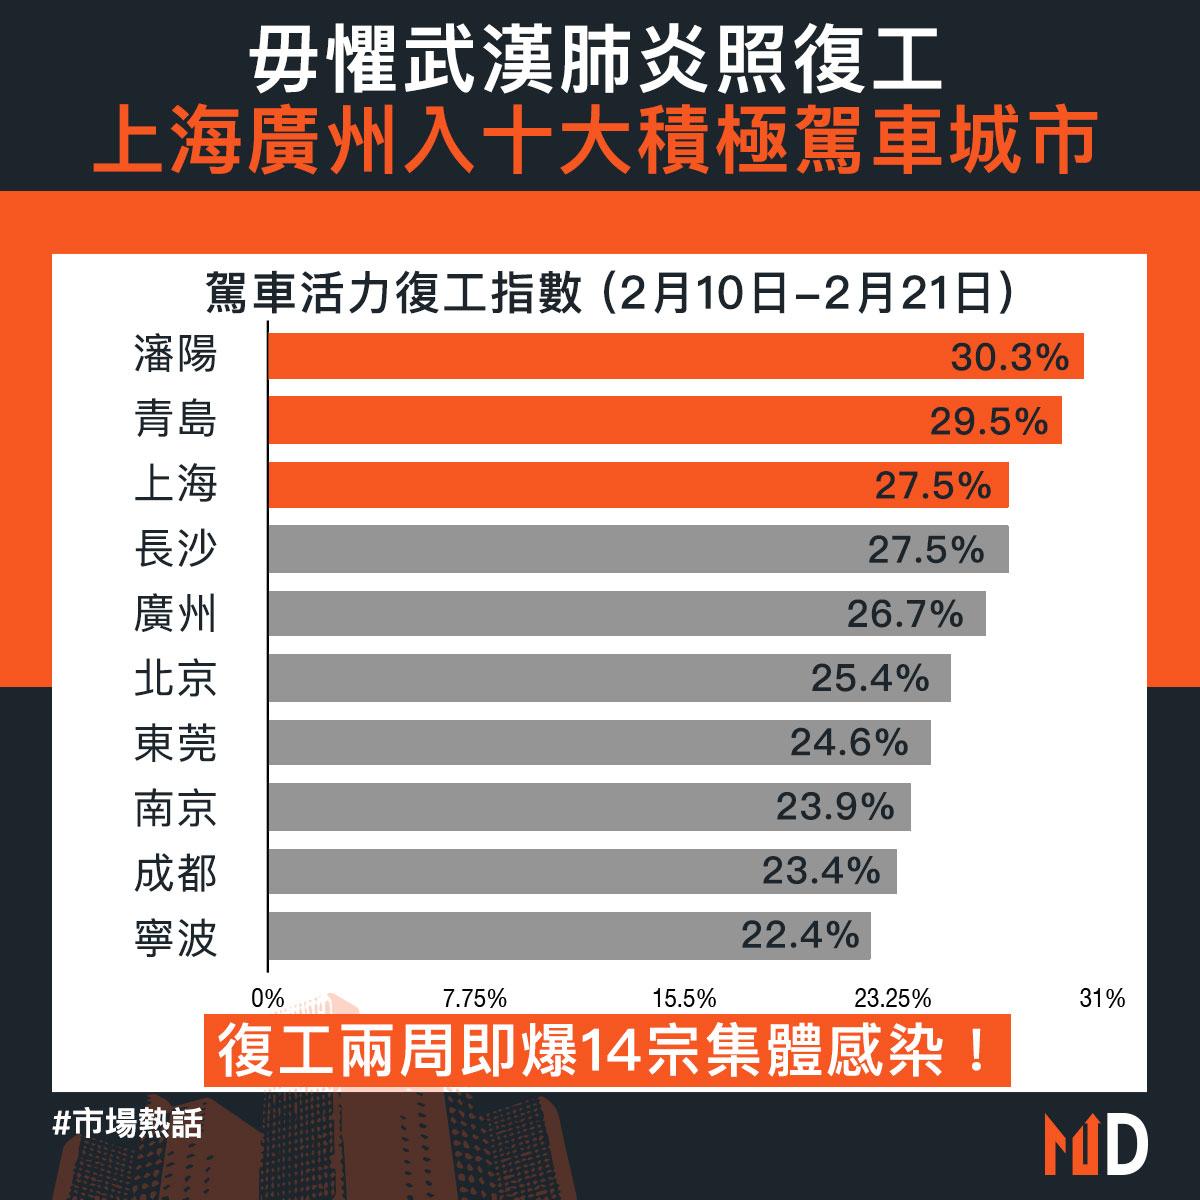 【市場熱話】毋懼武漢肺炎照復工 上海廣州入十大積極駕車城市